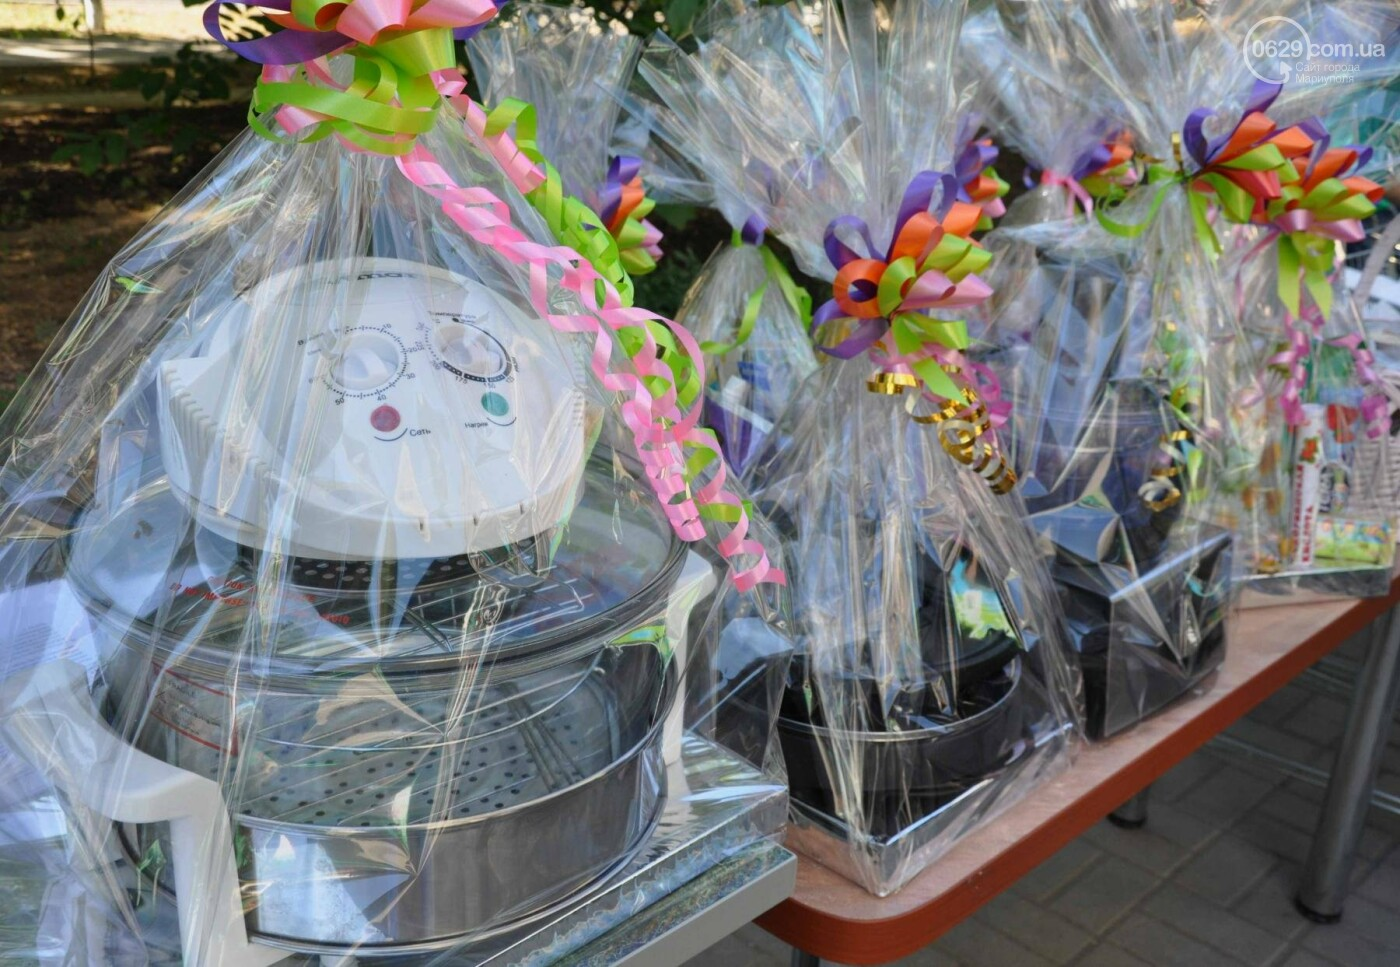 В аптеке «Азовфарм» провели праздник для детей и разыграли призы, фото-25